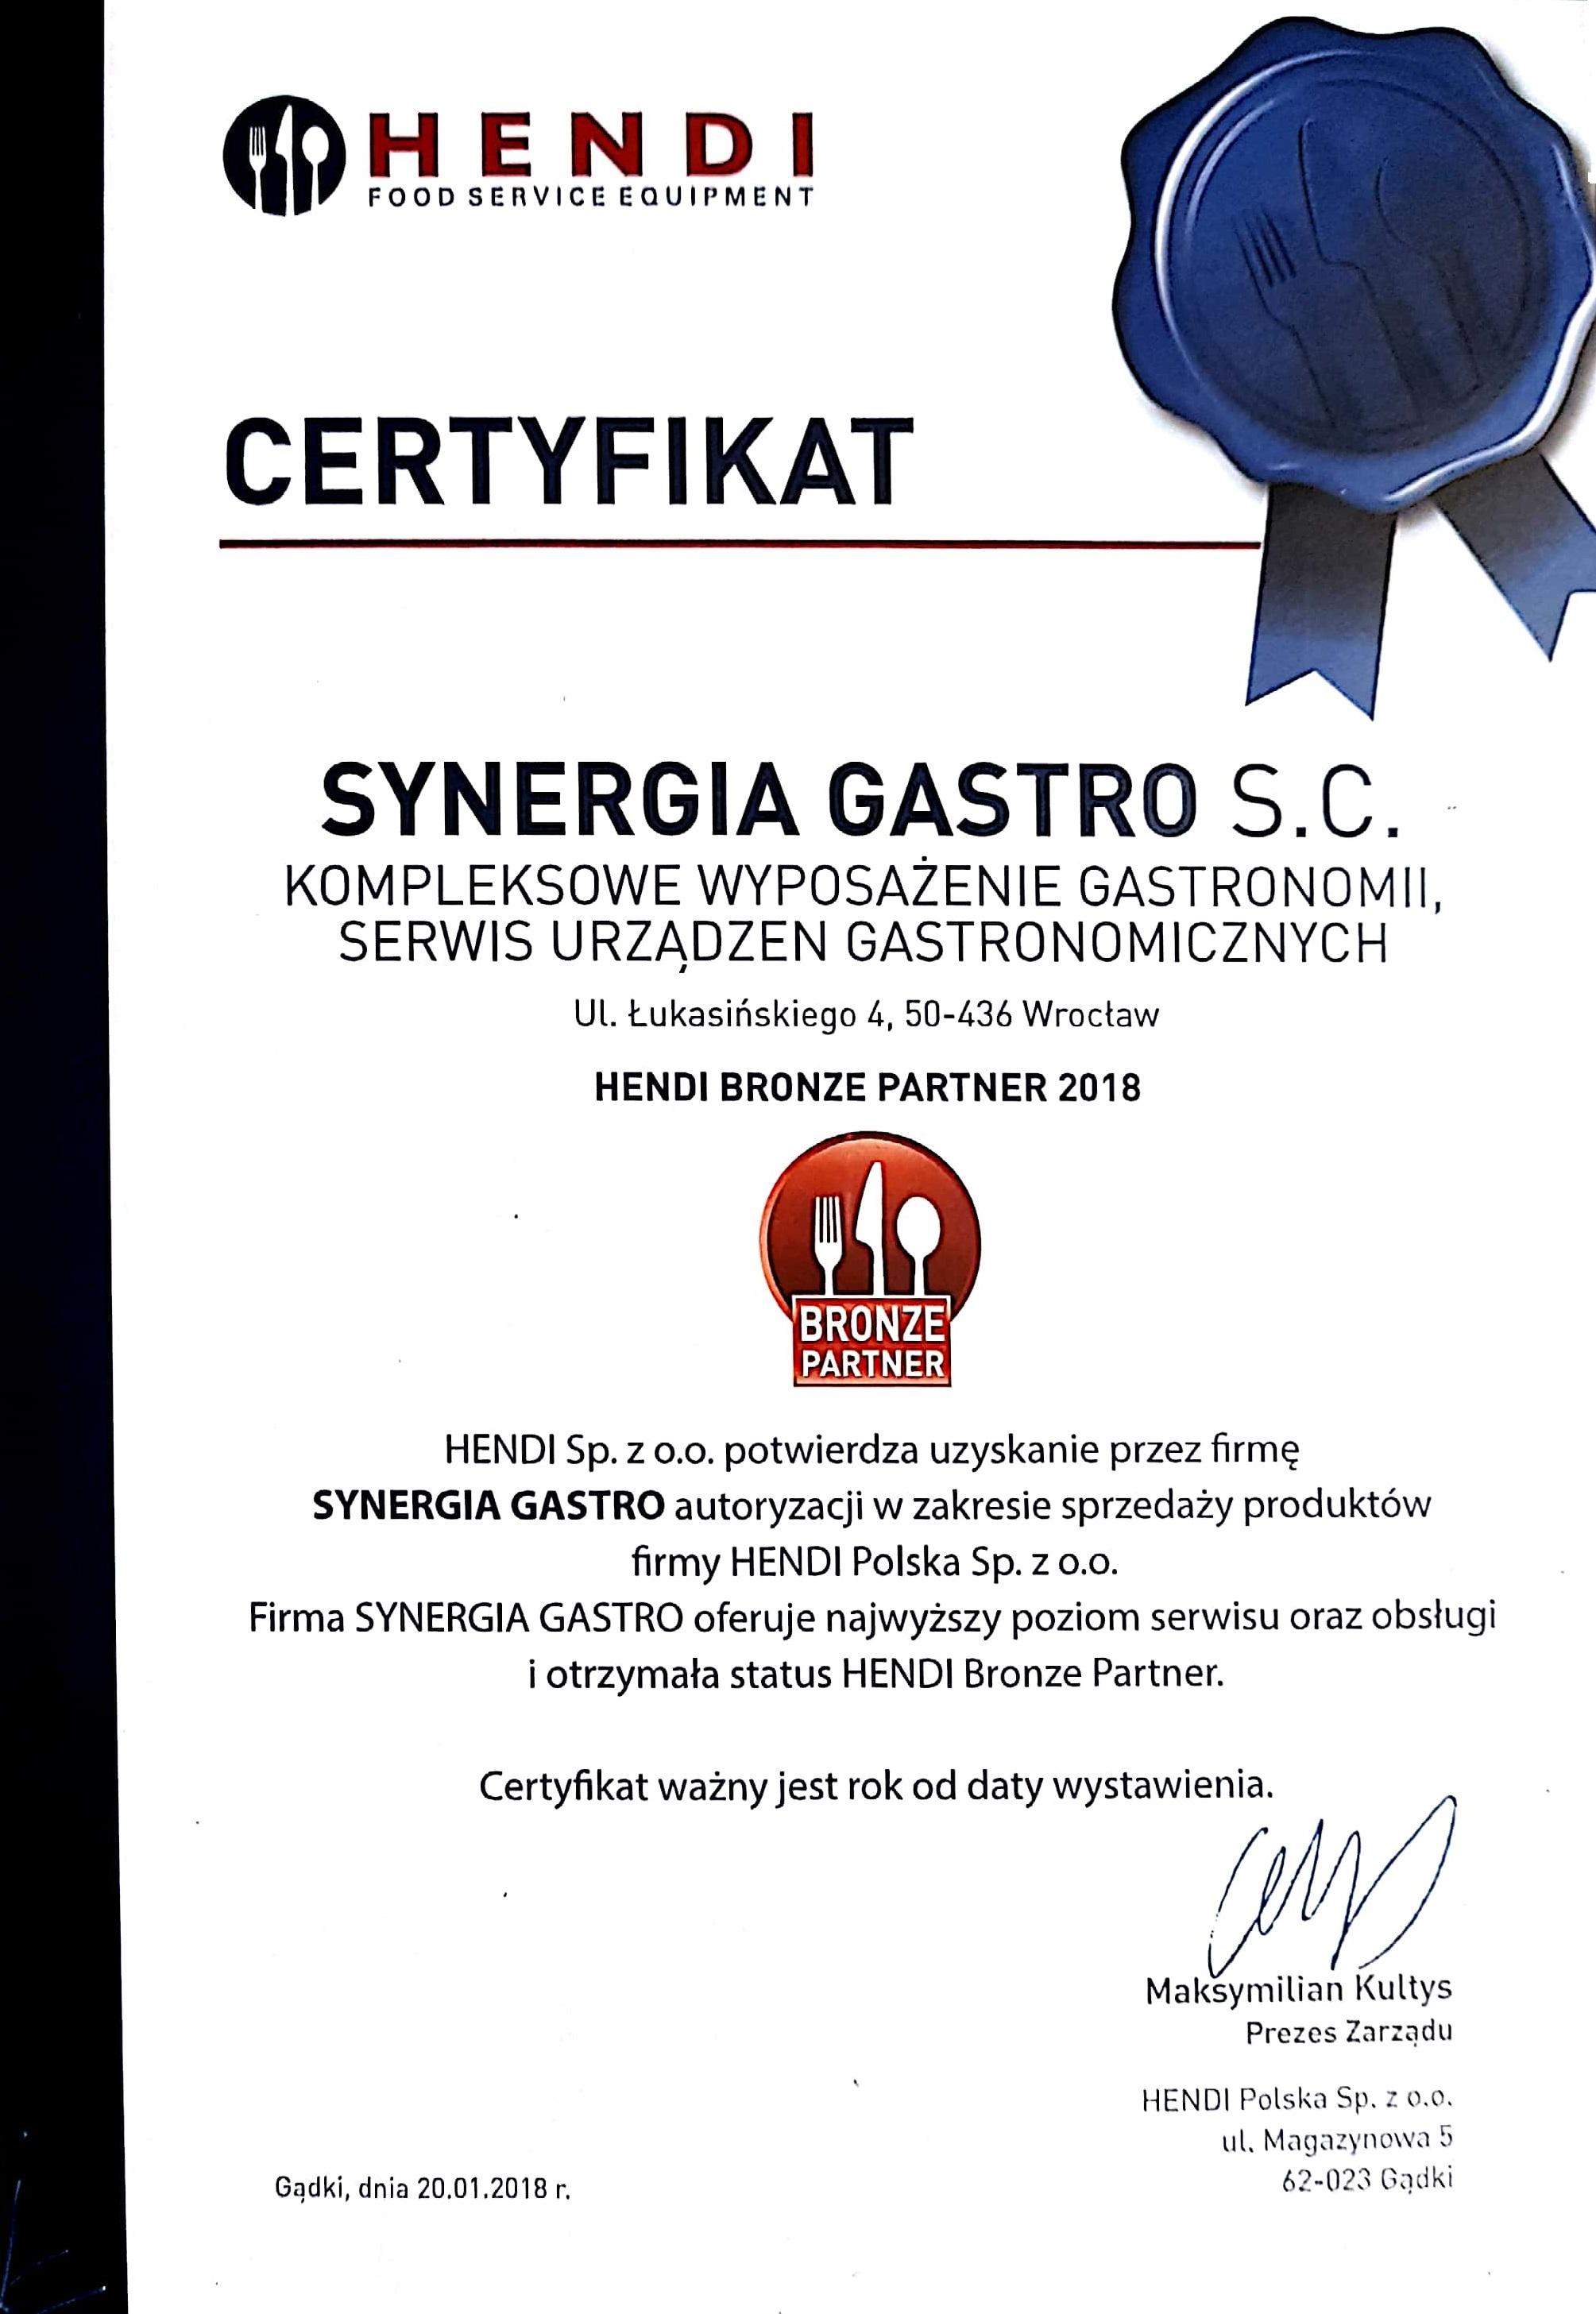 Synergia_Gastro_Certyfikat